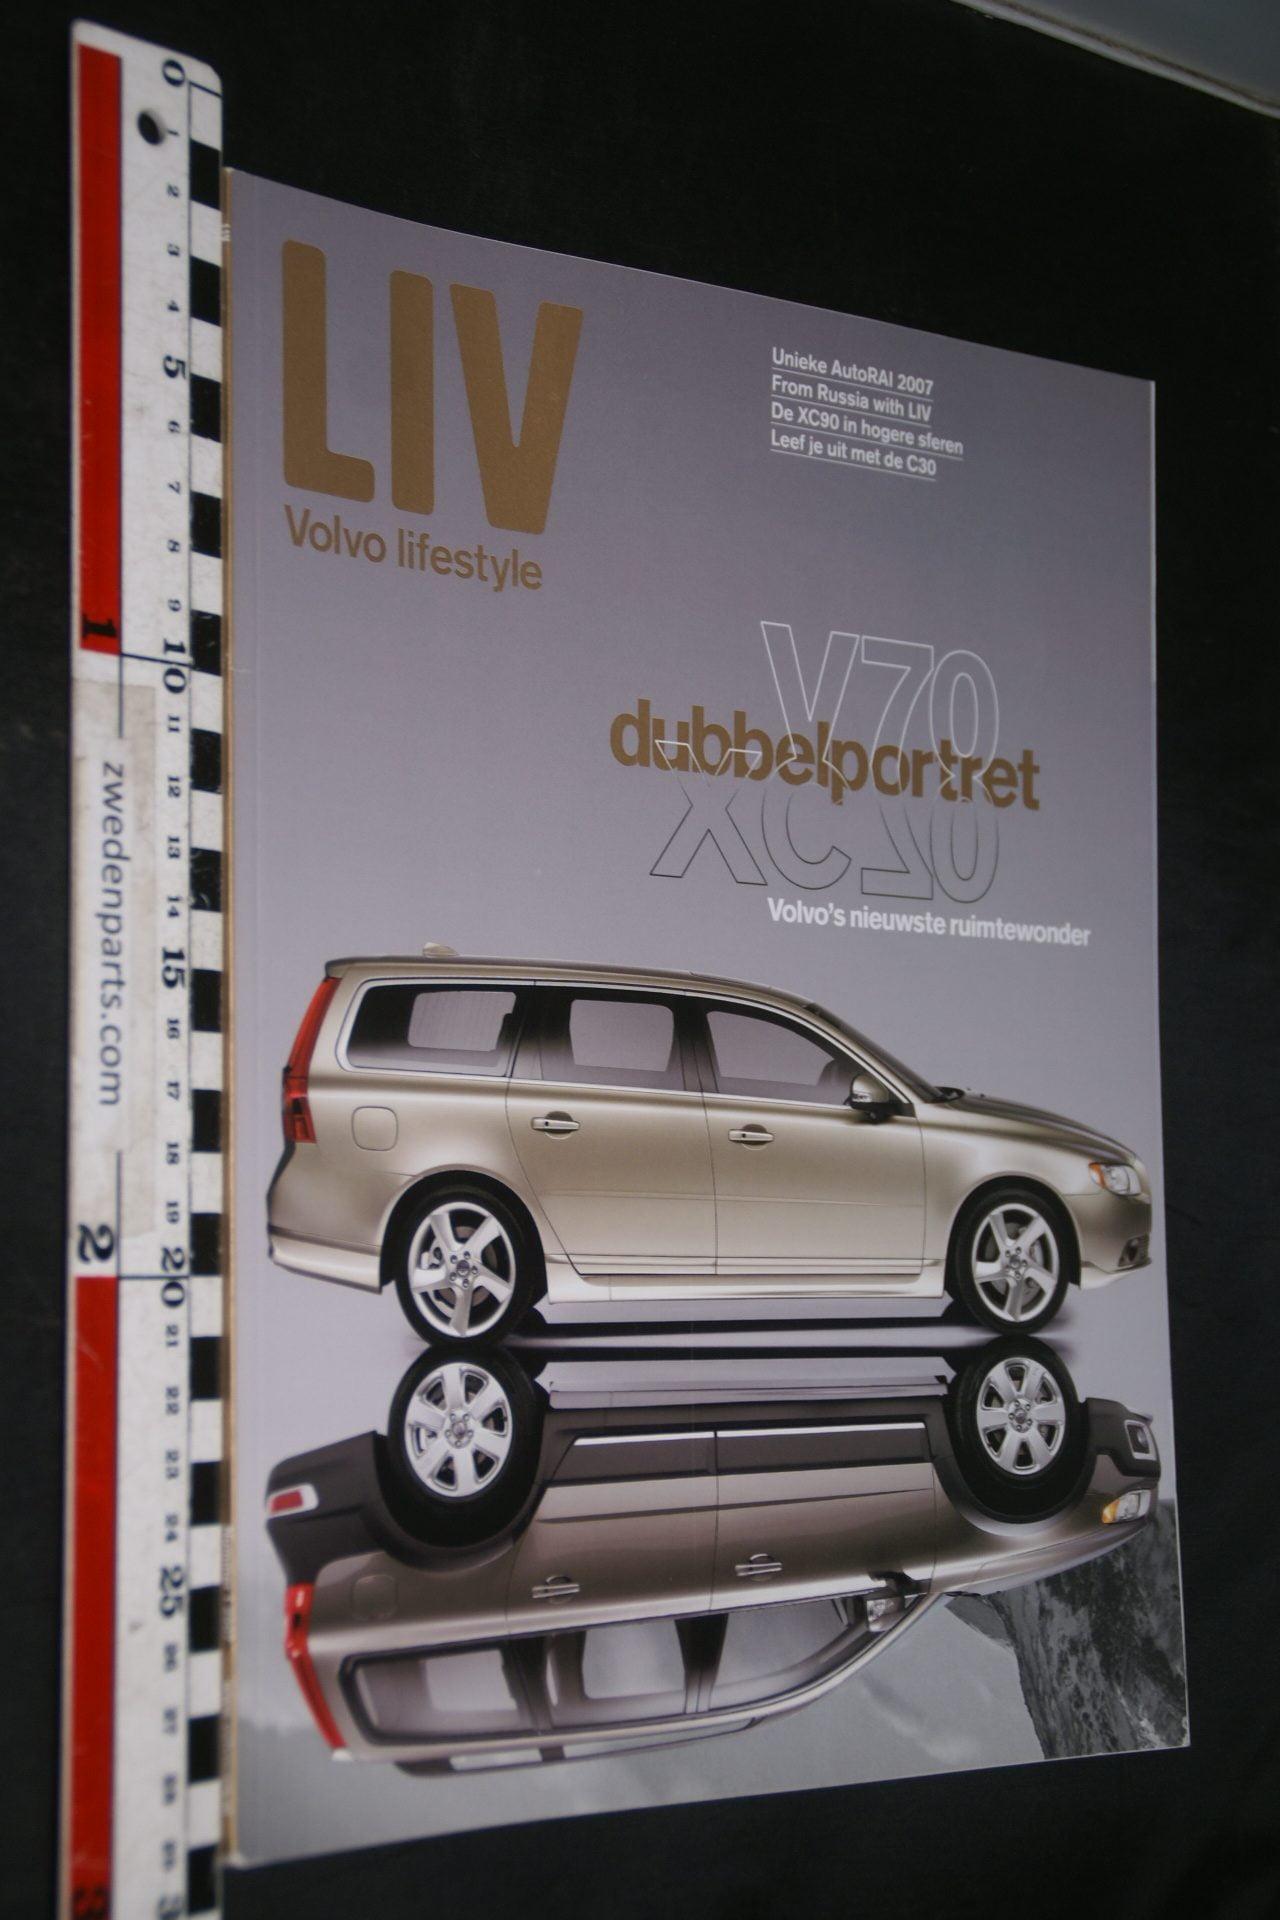 DSC05125 2007 tijdschrift Volvo LIV nr 1